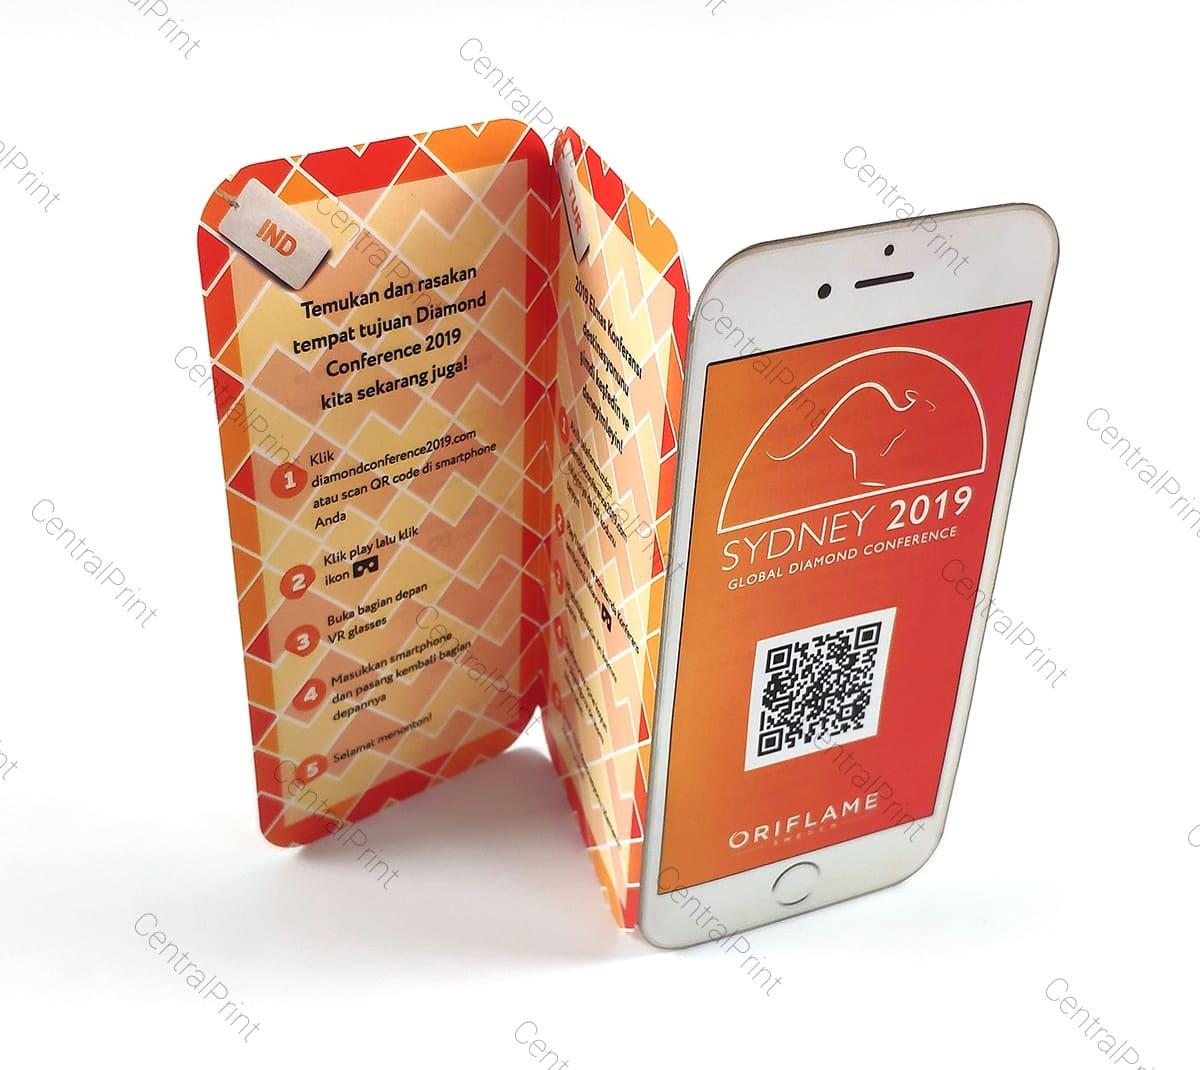 вертикальный буклет в виде телефона с qr кодом